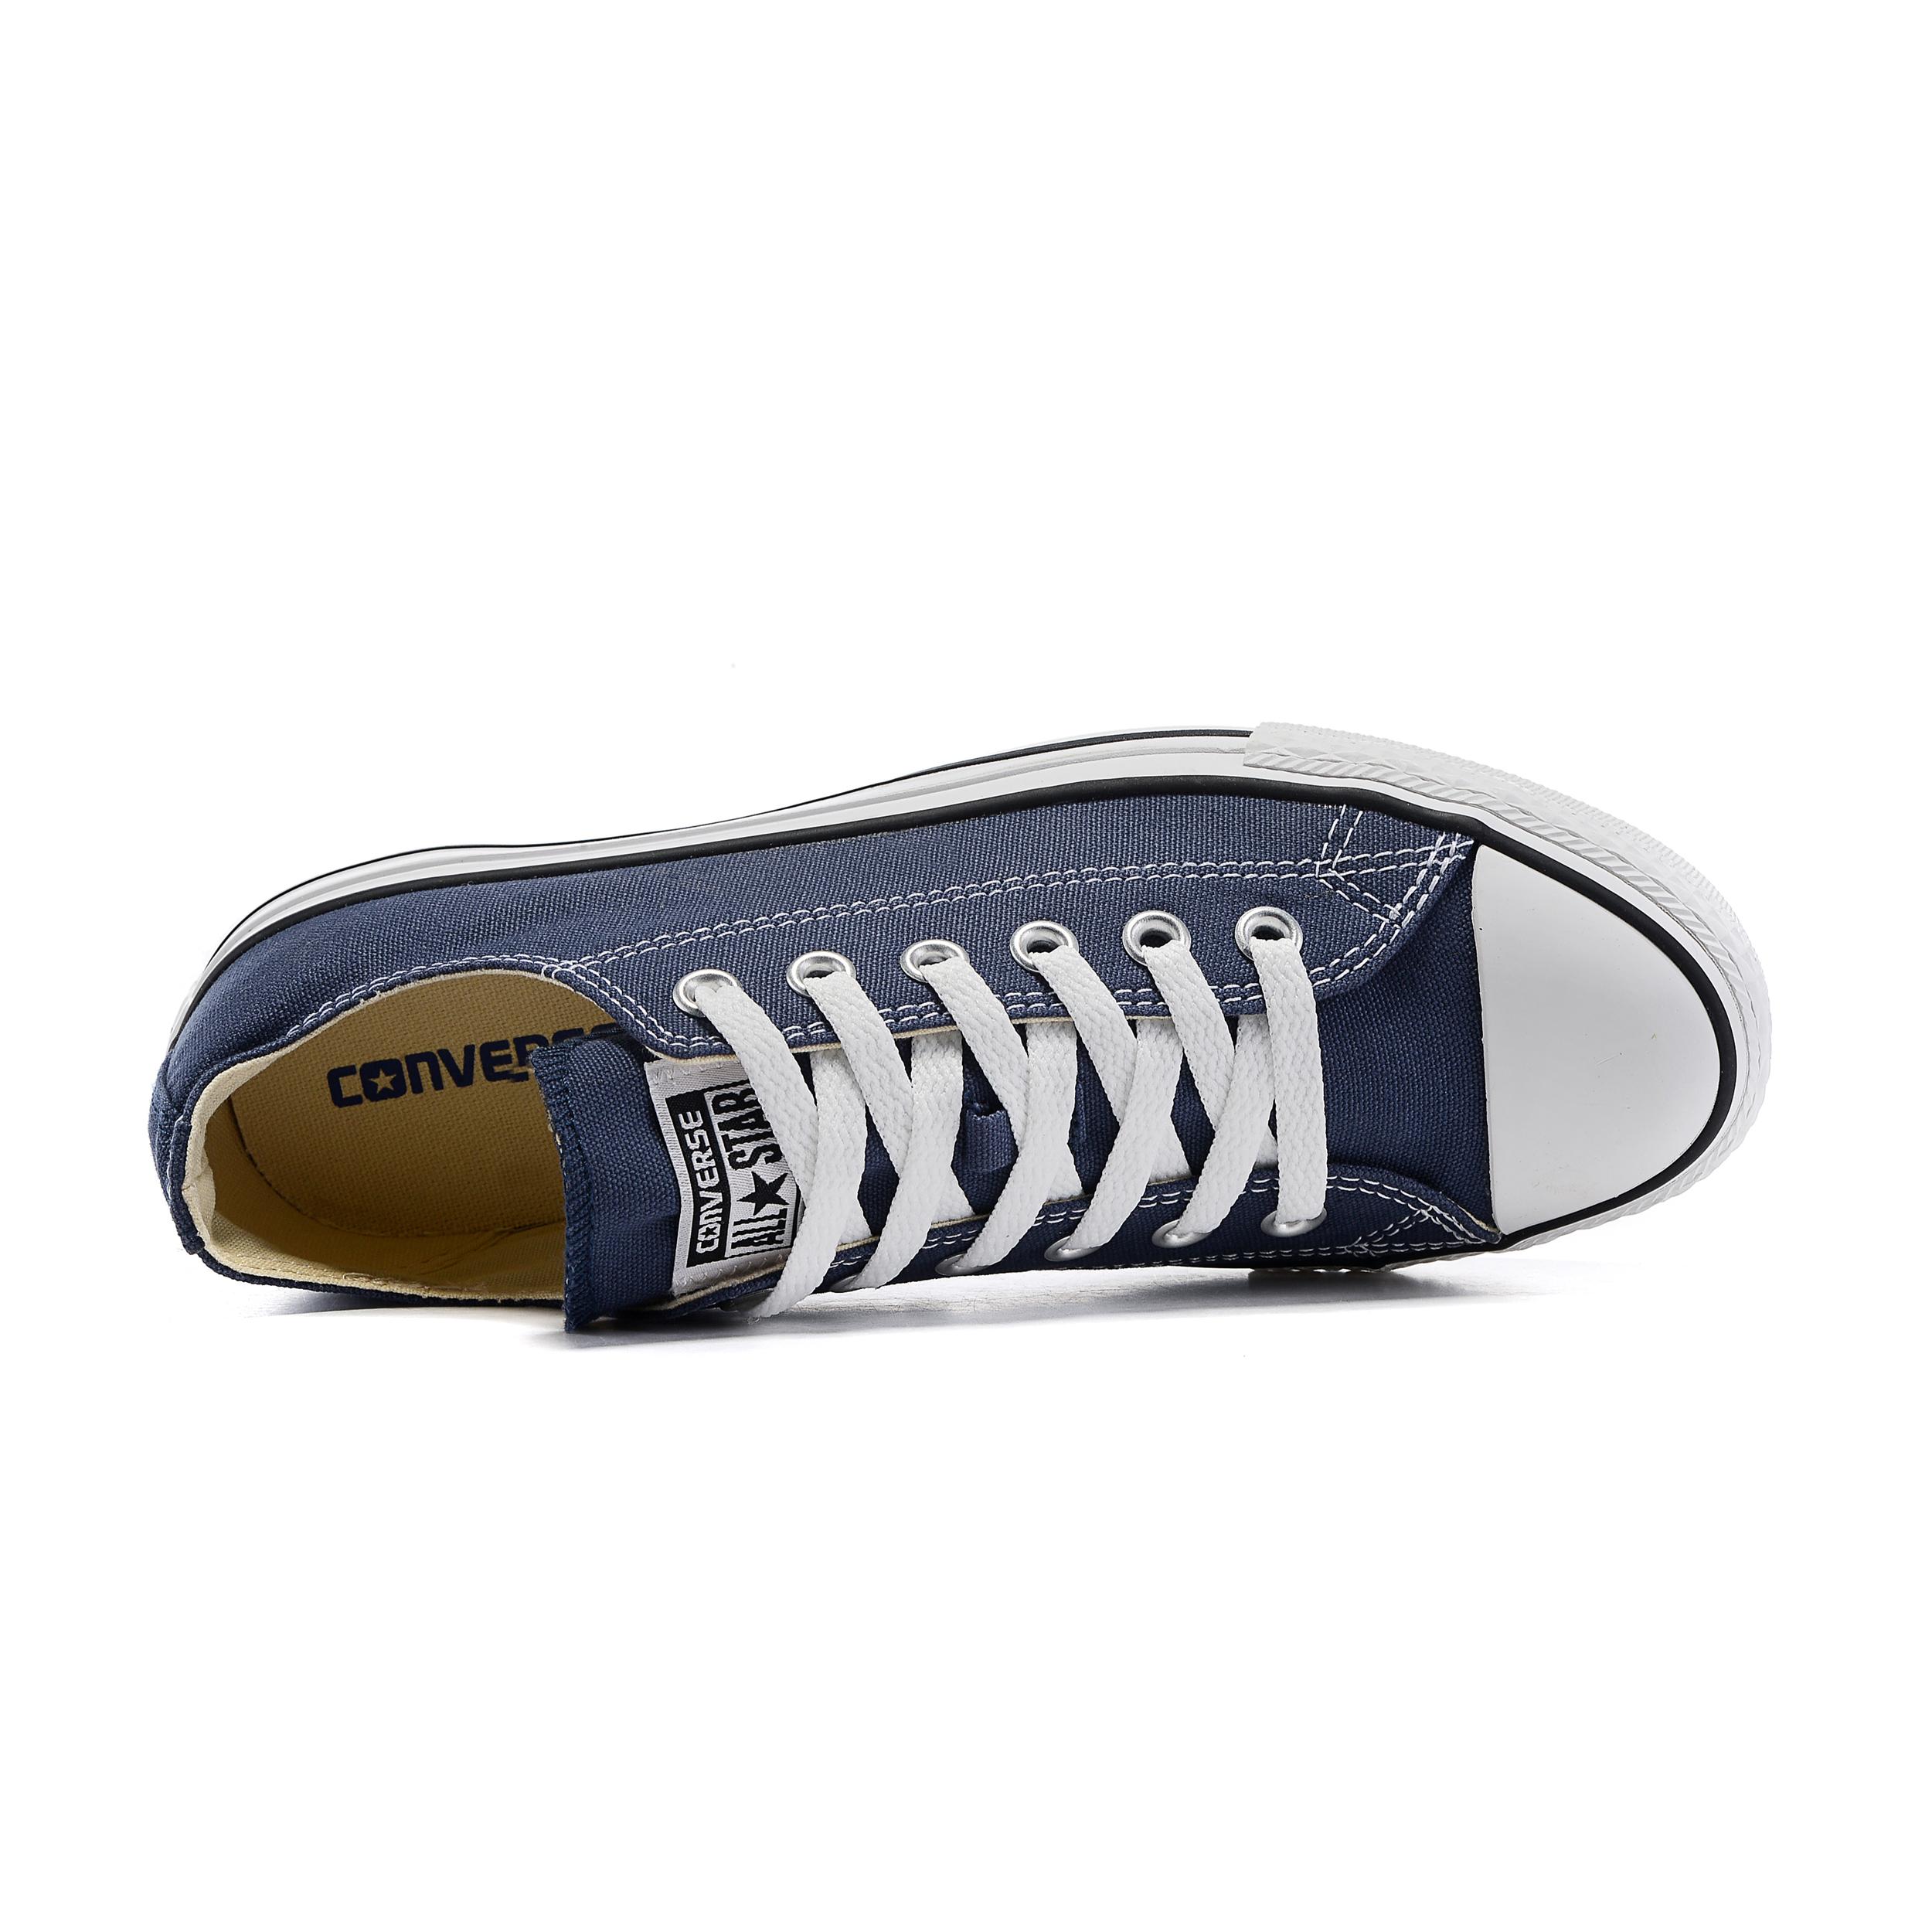 خرید                      کفش اسپورت مردانه کانورس مدل All Star Ox-102329